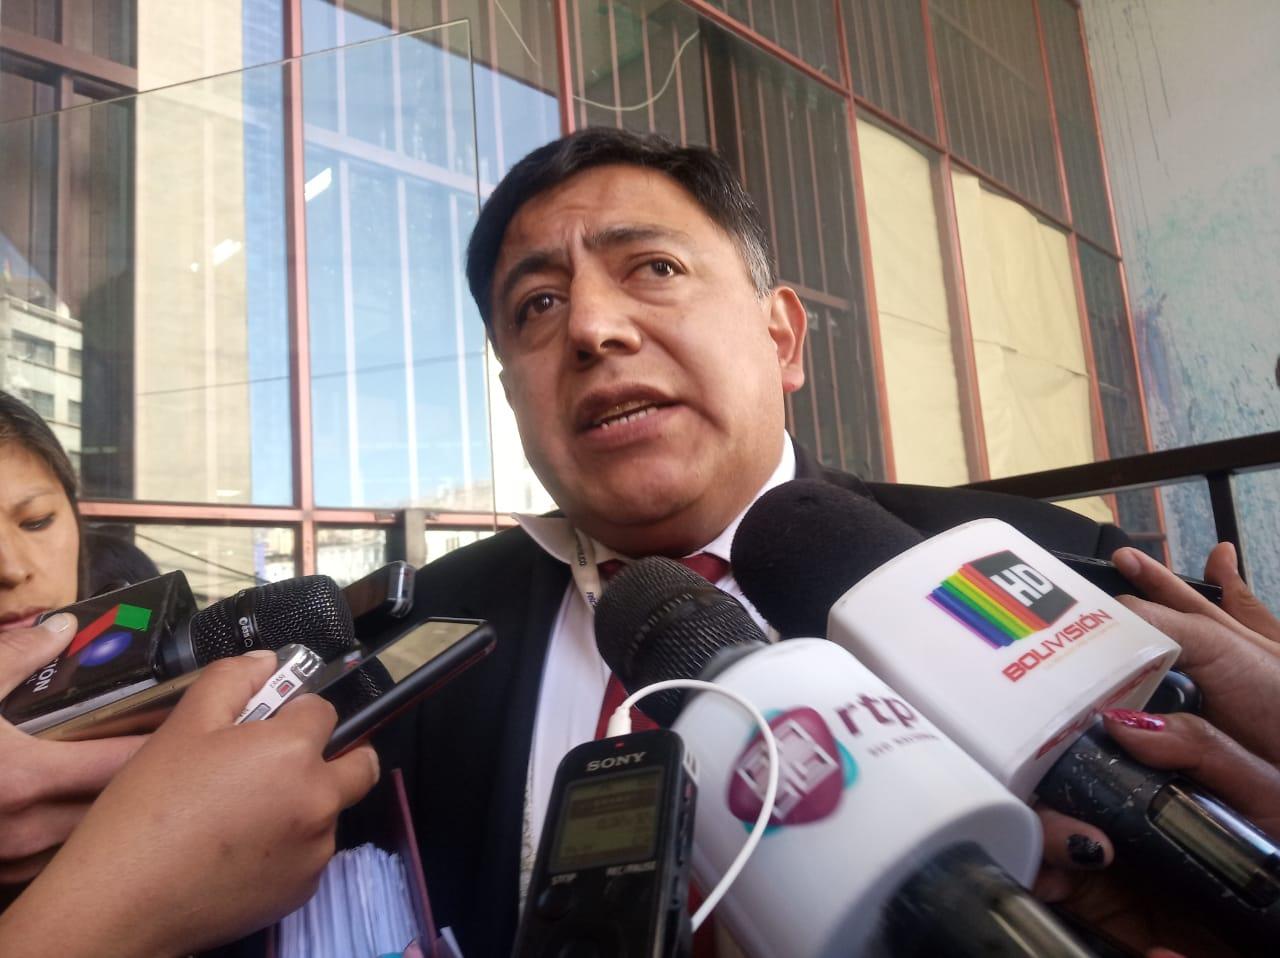 Determinan detención domiciliaria para dos exconcejales de El Alto involucrados en la compra irregular de buses Sariri